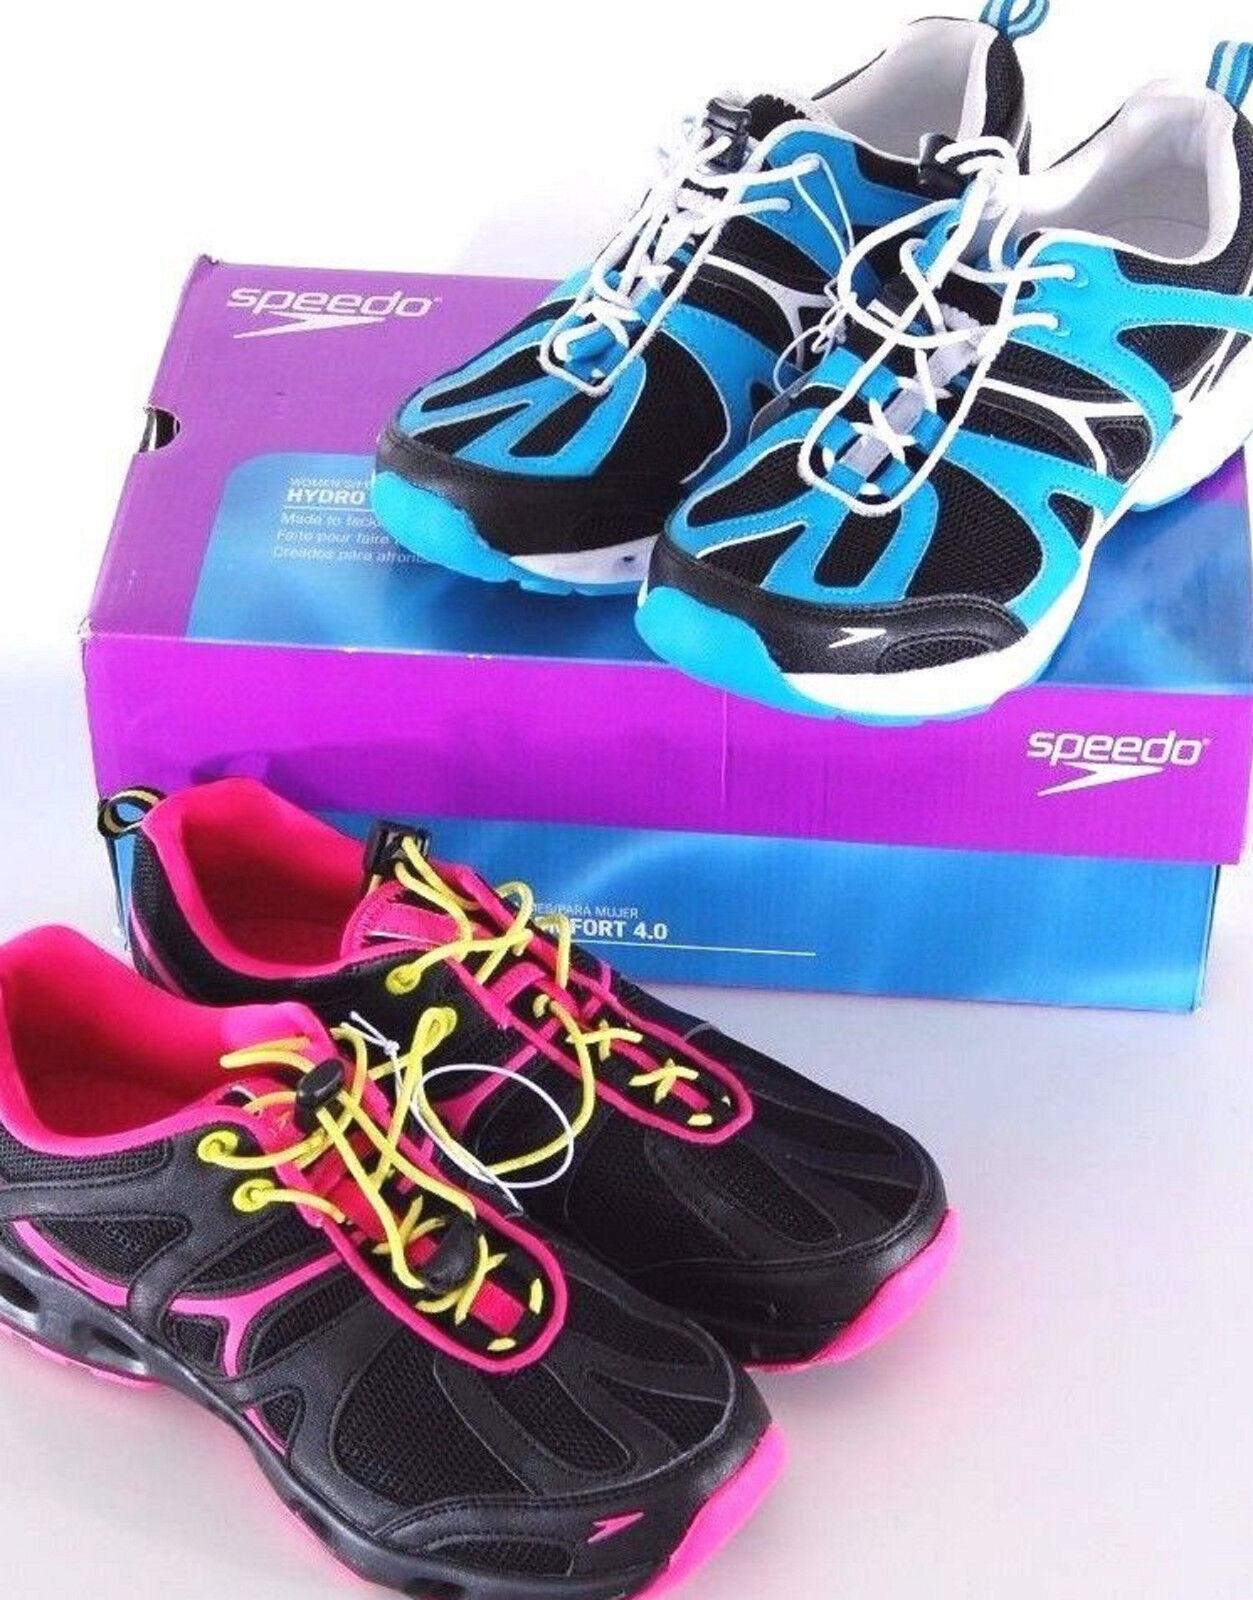 Speedo Women's Hydro Comfort 4.0 Water shoes